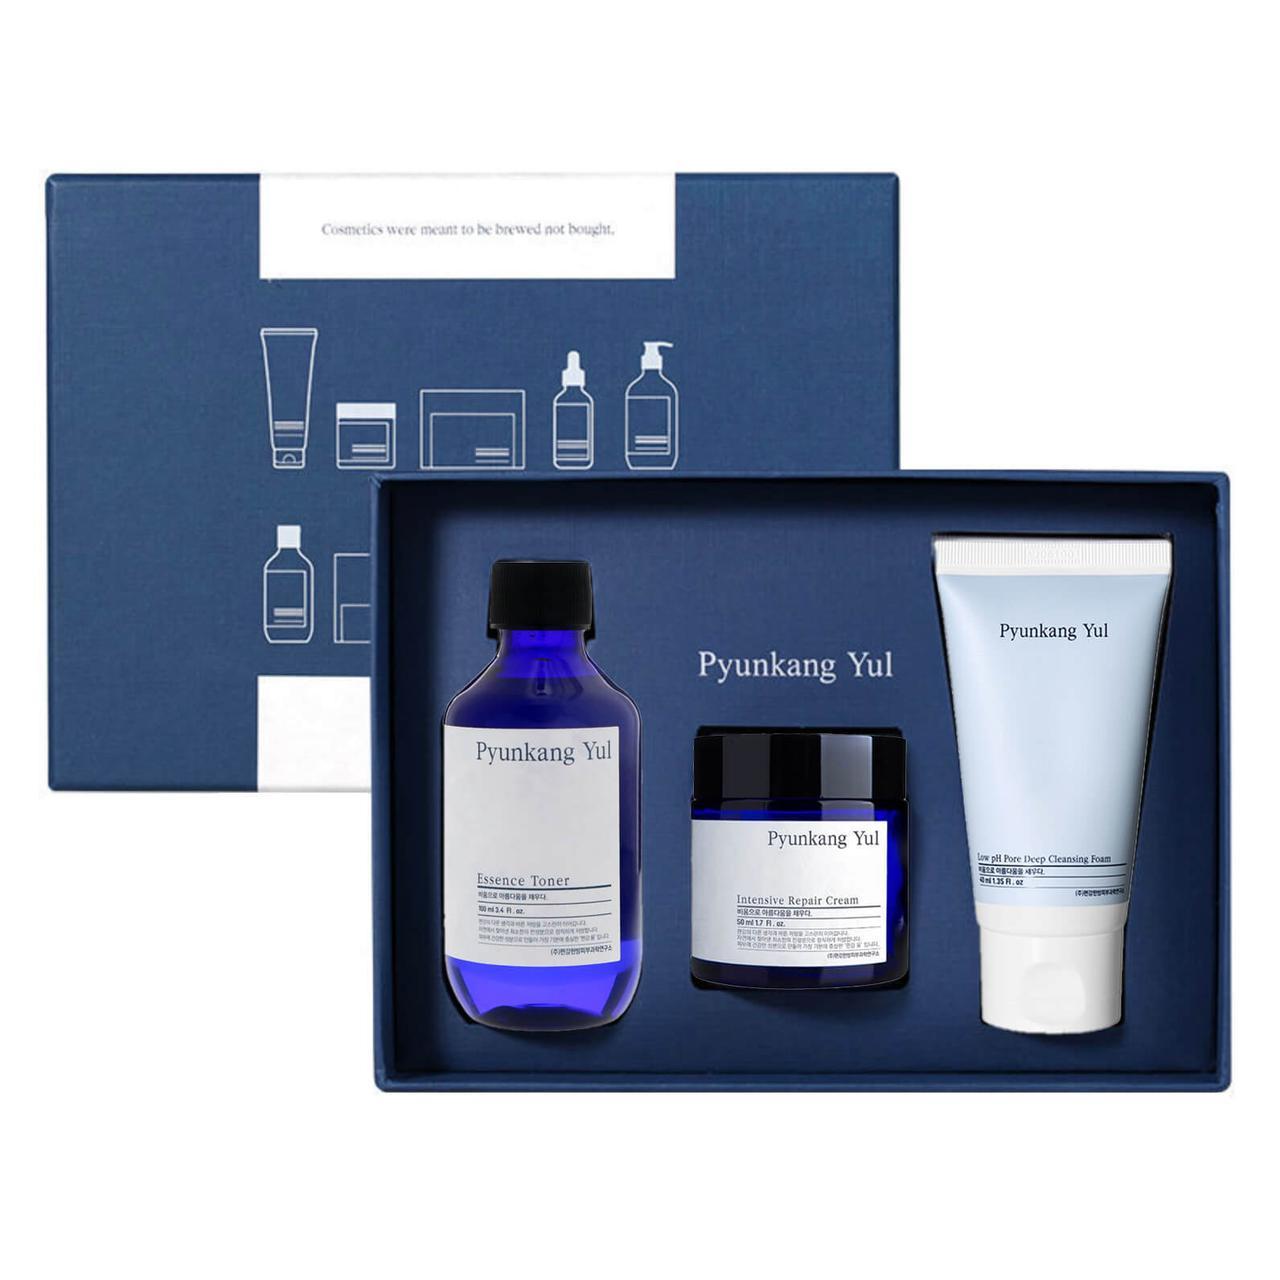 Увлажняющий набор для сухой и чувствительной кожи Pyunkang yul Moisture Skincare Set